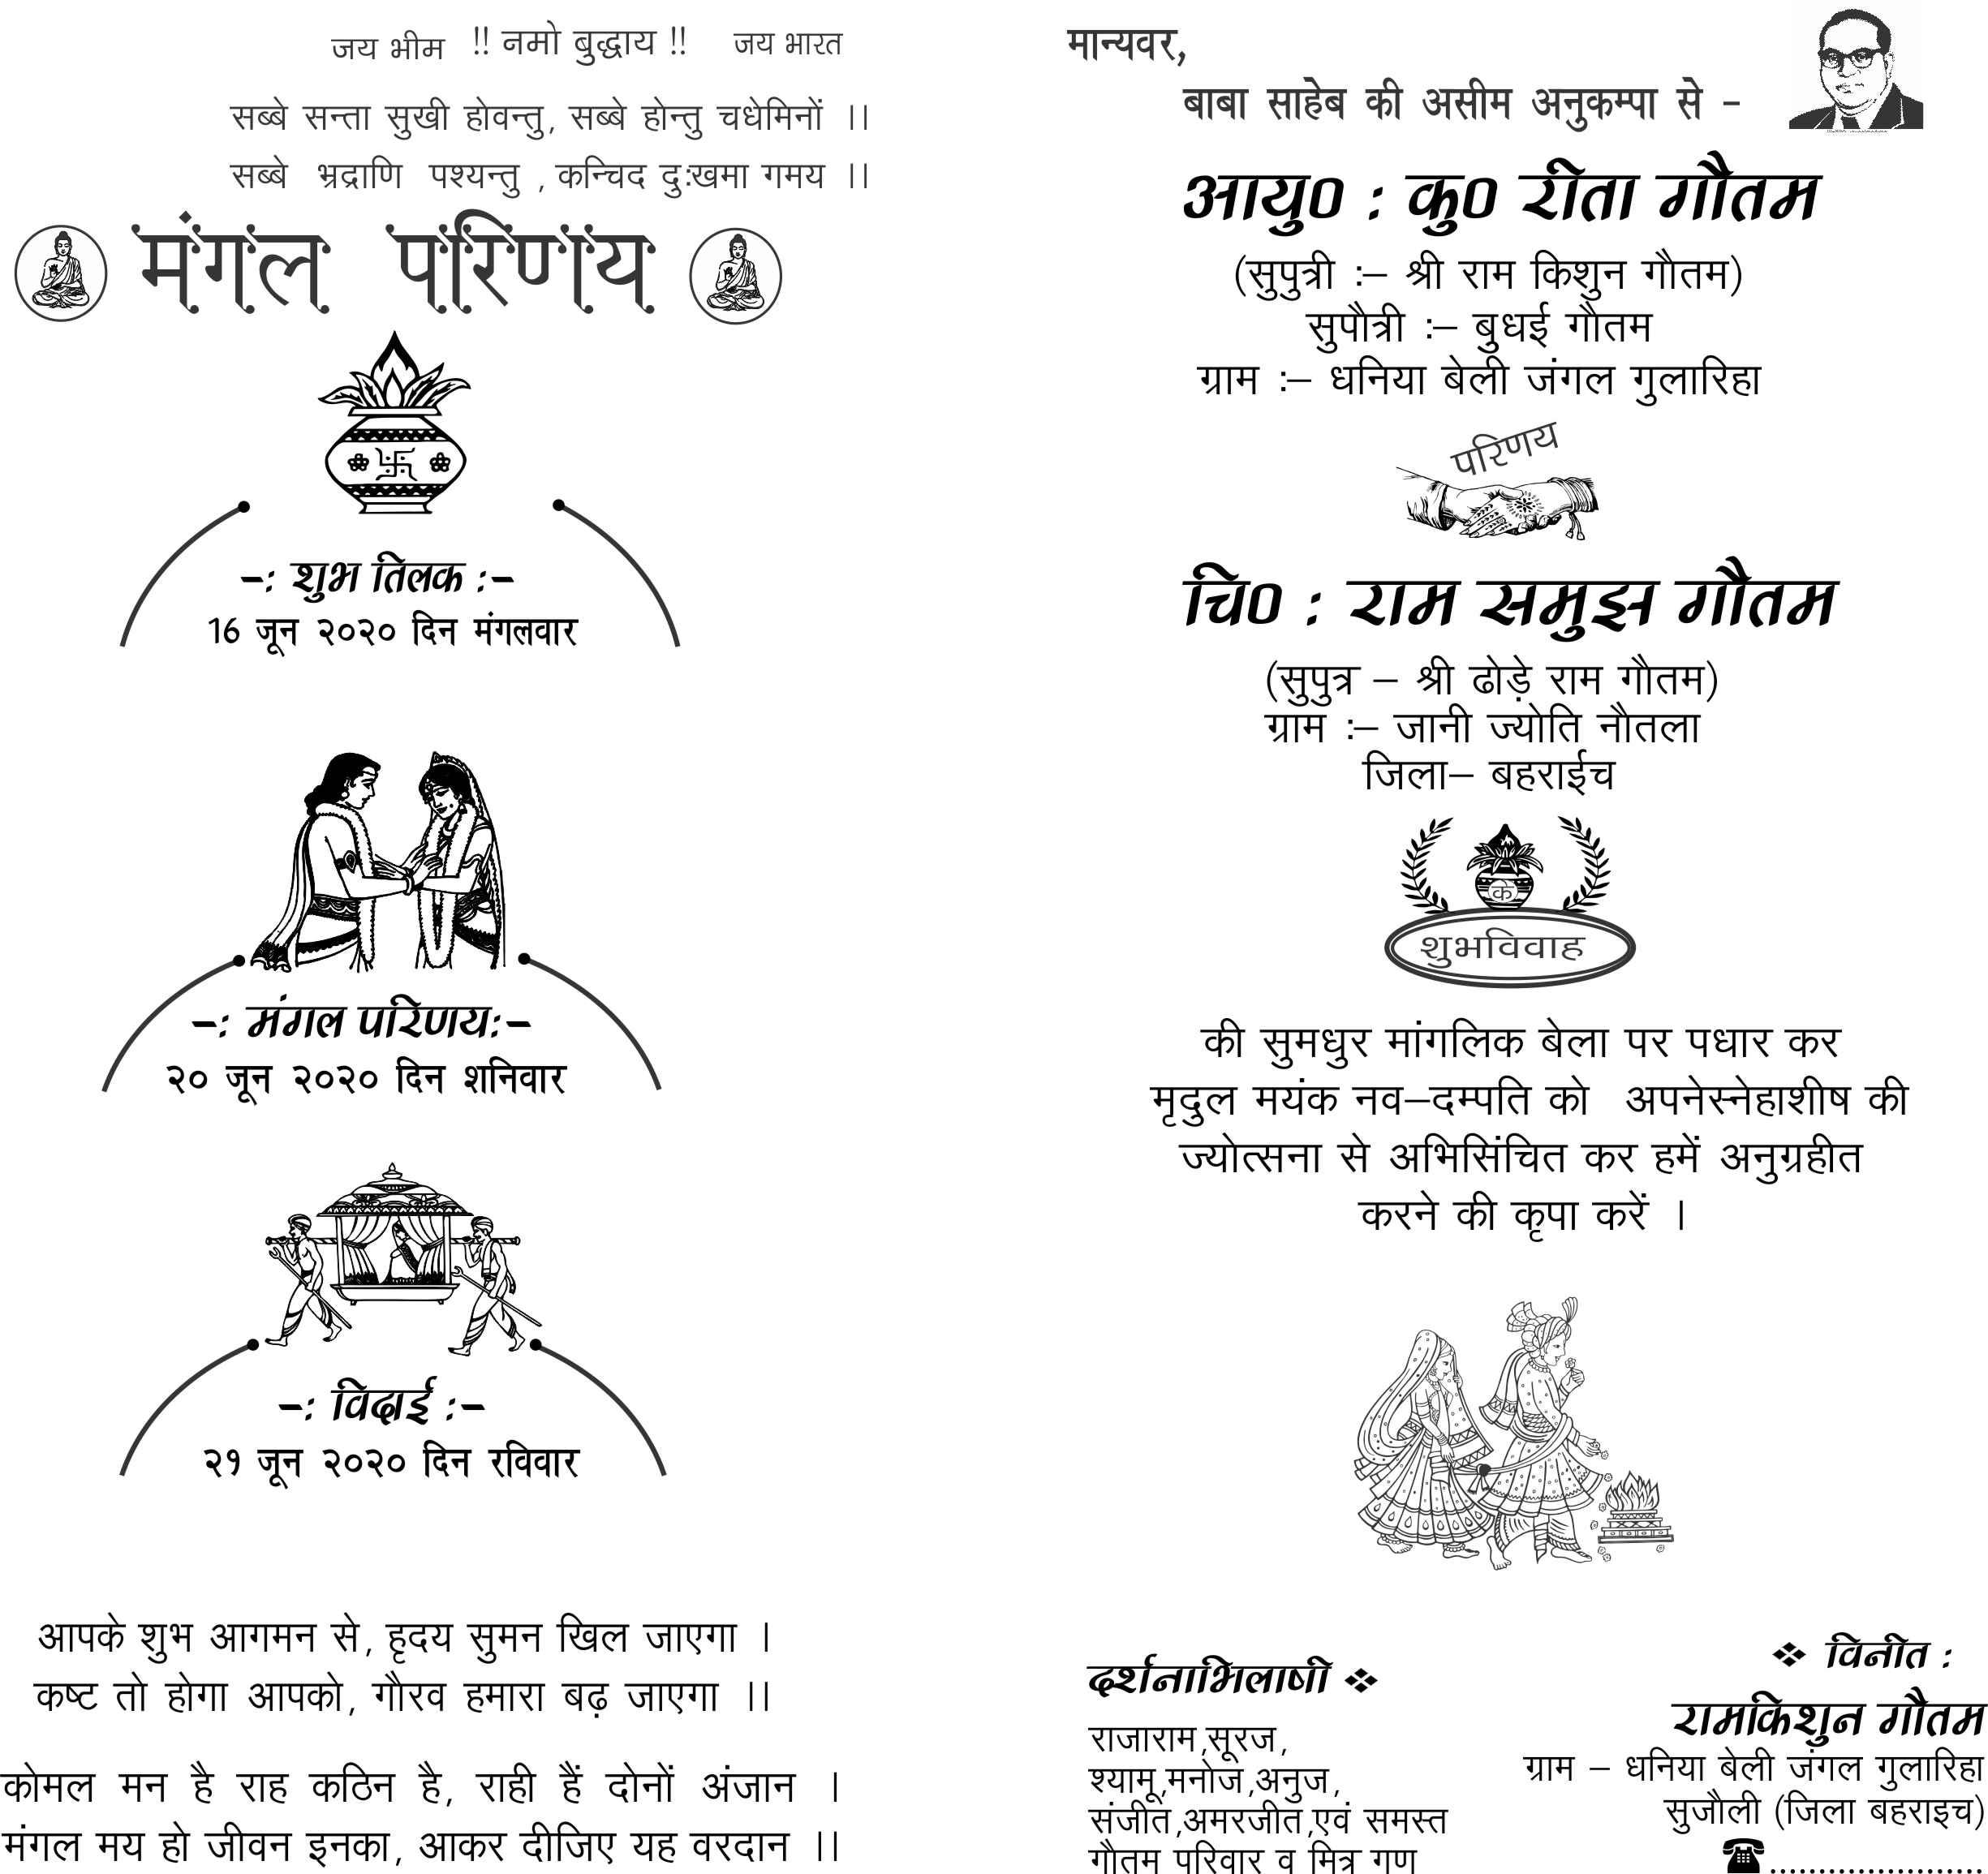 goutam wedding card matter download 3 foldar